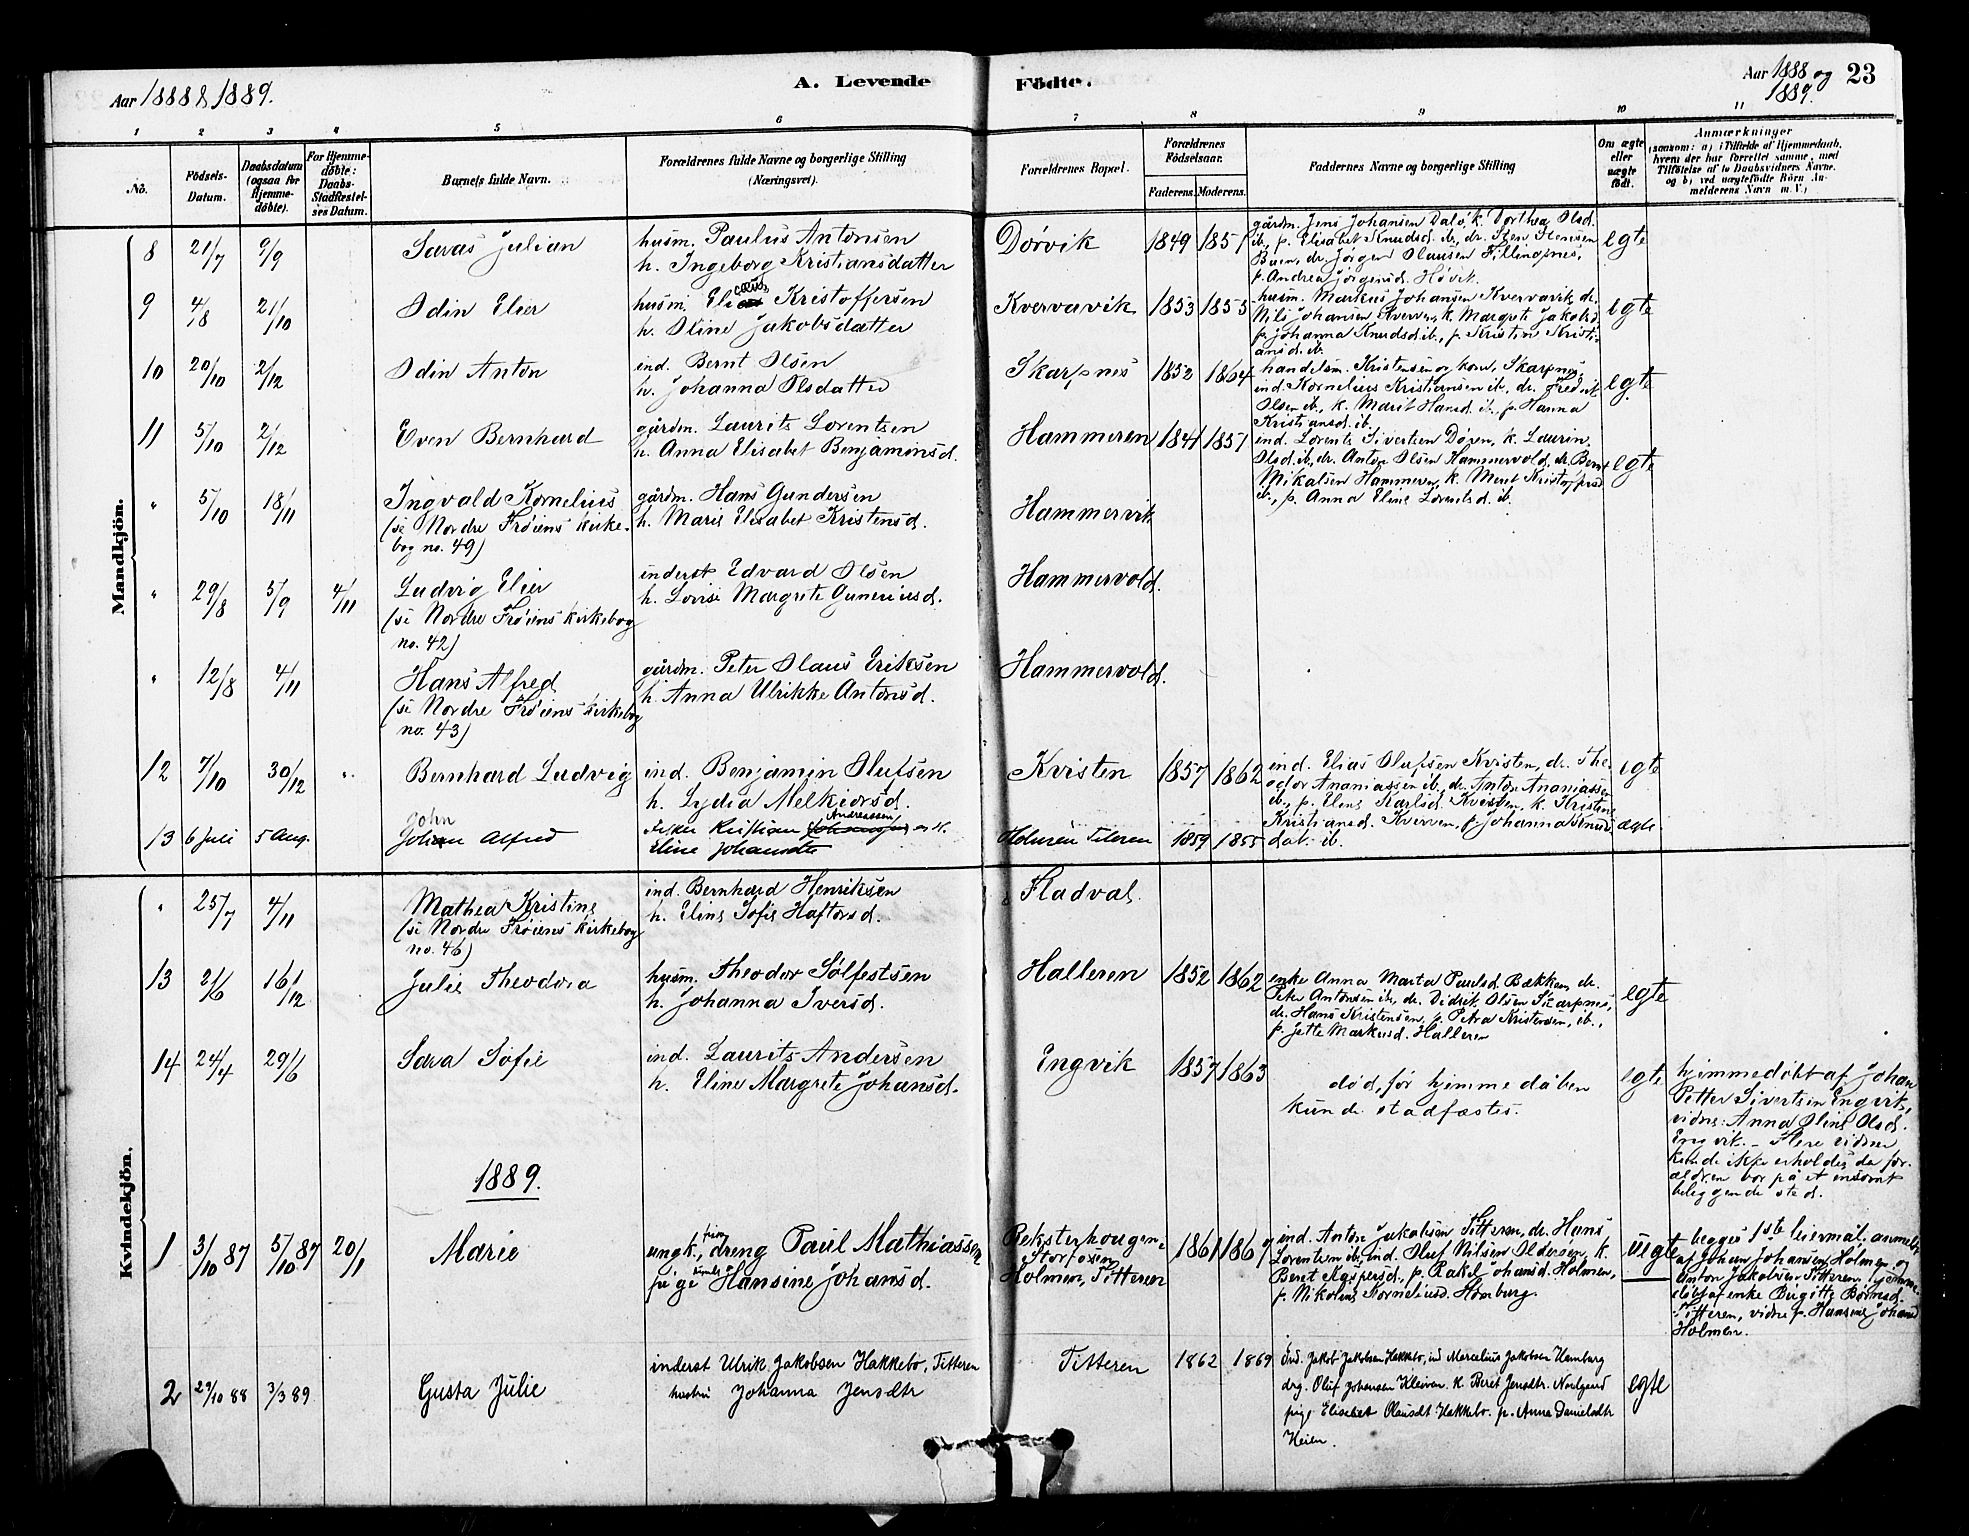 SAT, Ministerialprotokoller, klokkerbøker og fødselsregistre - Sør-Trøndelag, 641/L0595: Ministerialbok nr. 641A01, 1882-1897, s. 23